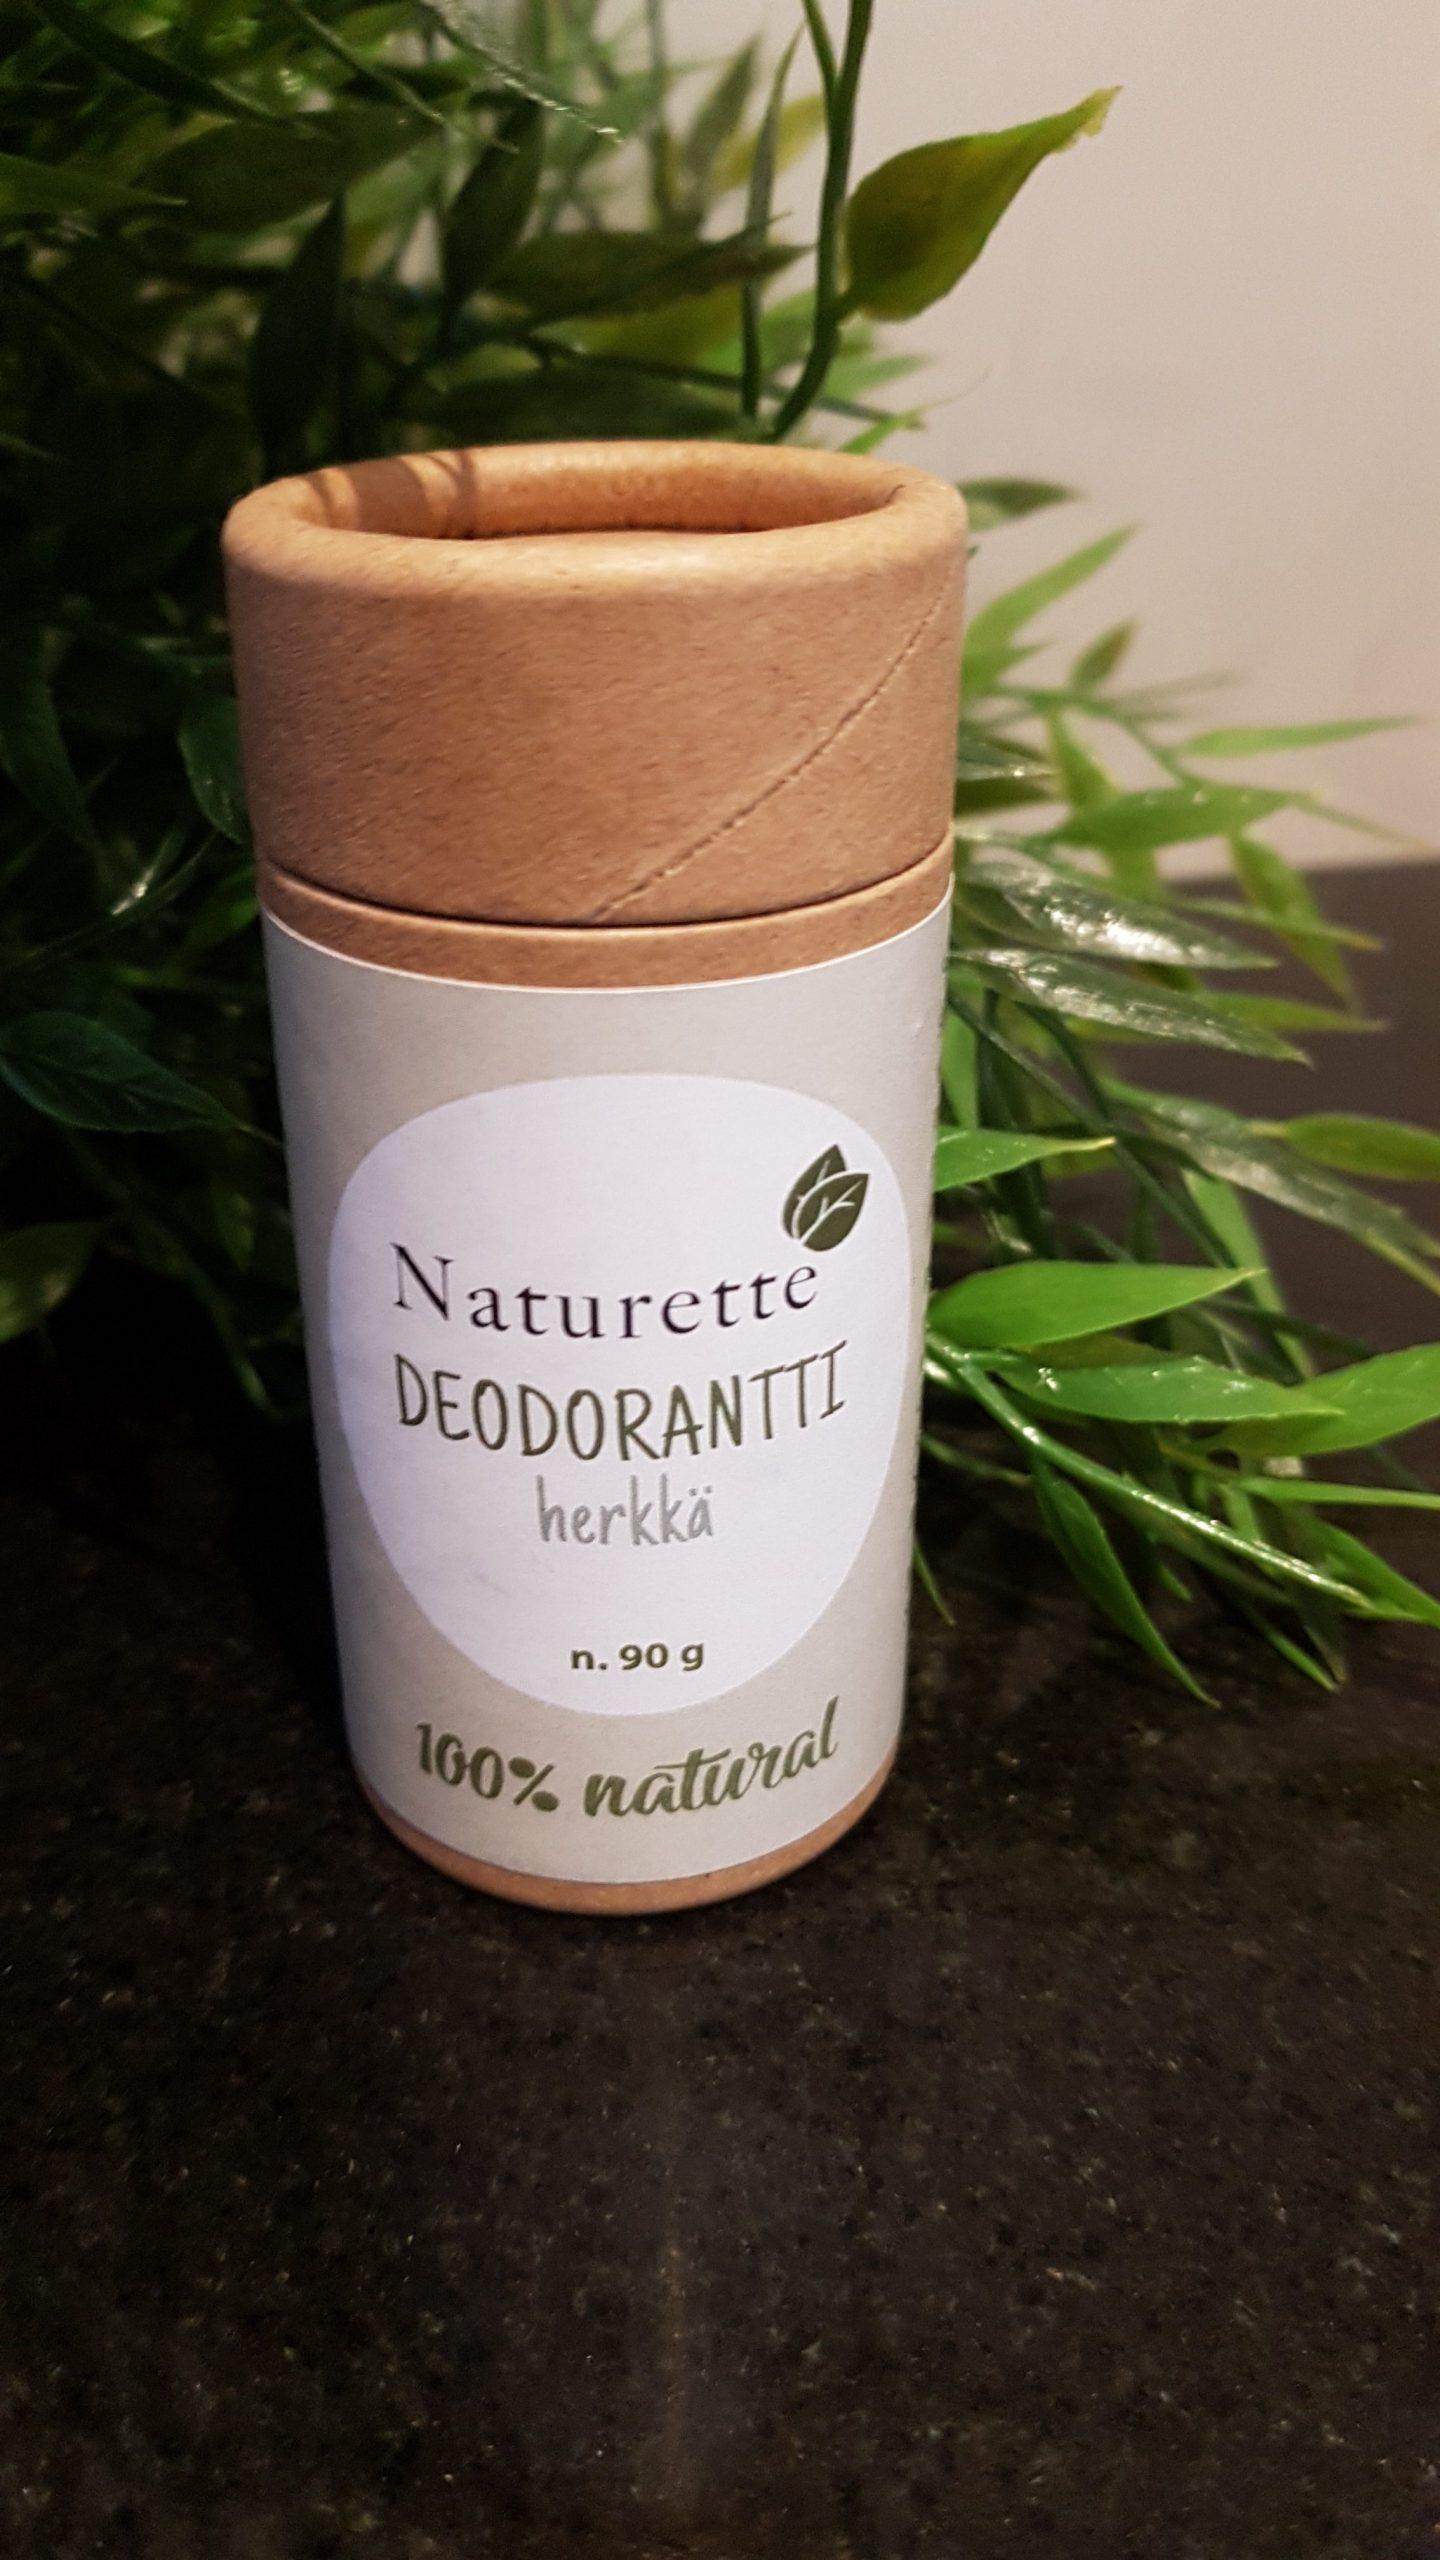 Naturette Deo Stick, Herkkä, luomu, ekologinen, kotimainen, 90g